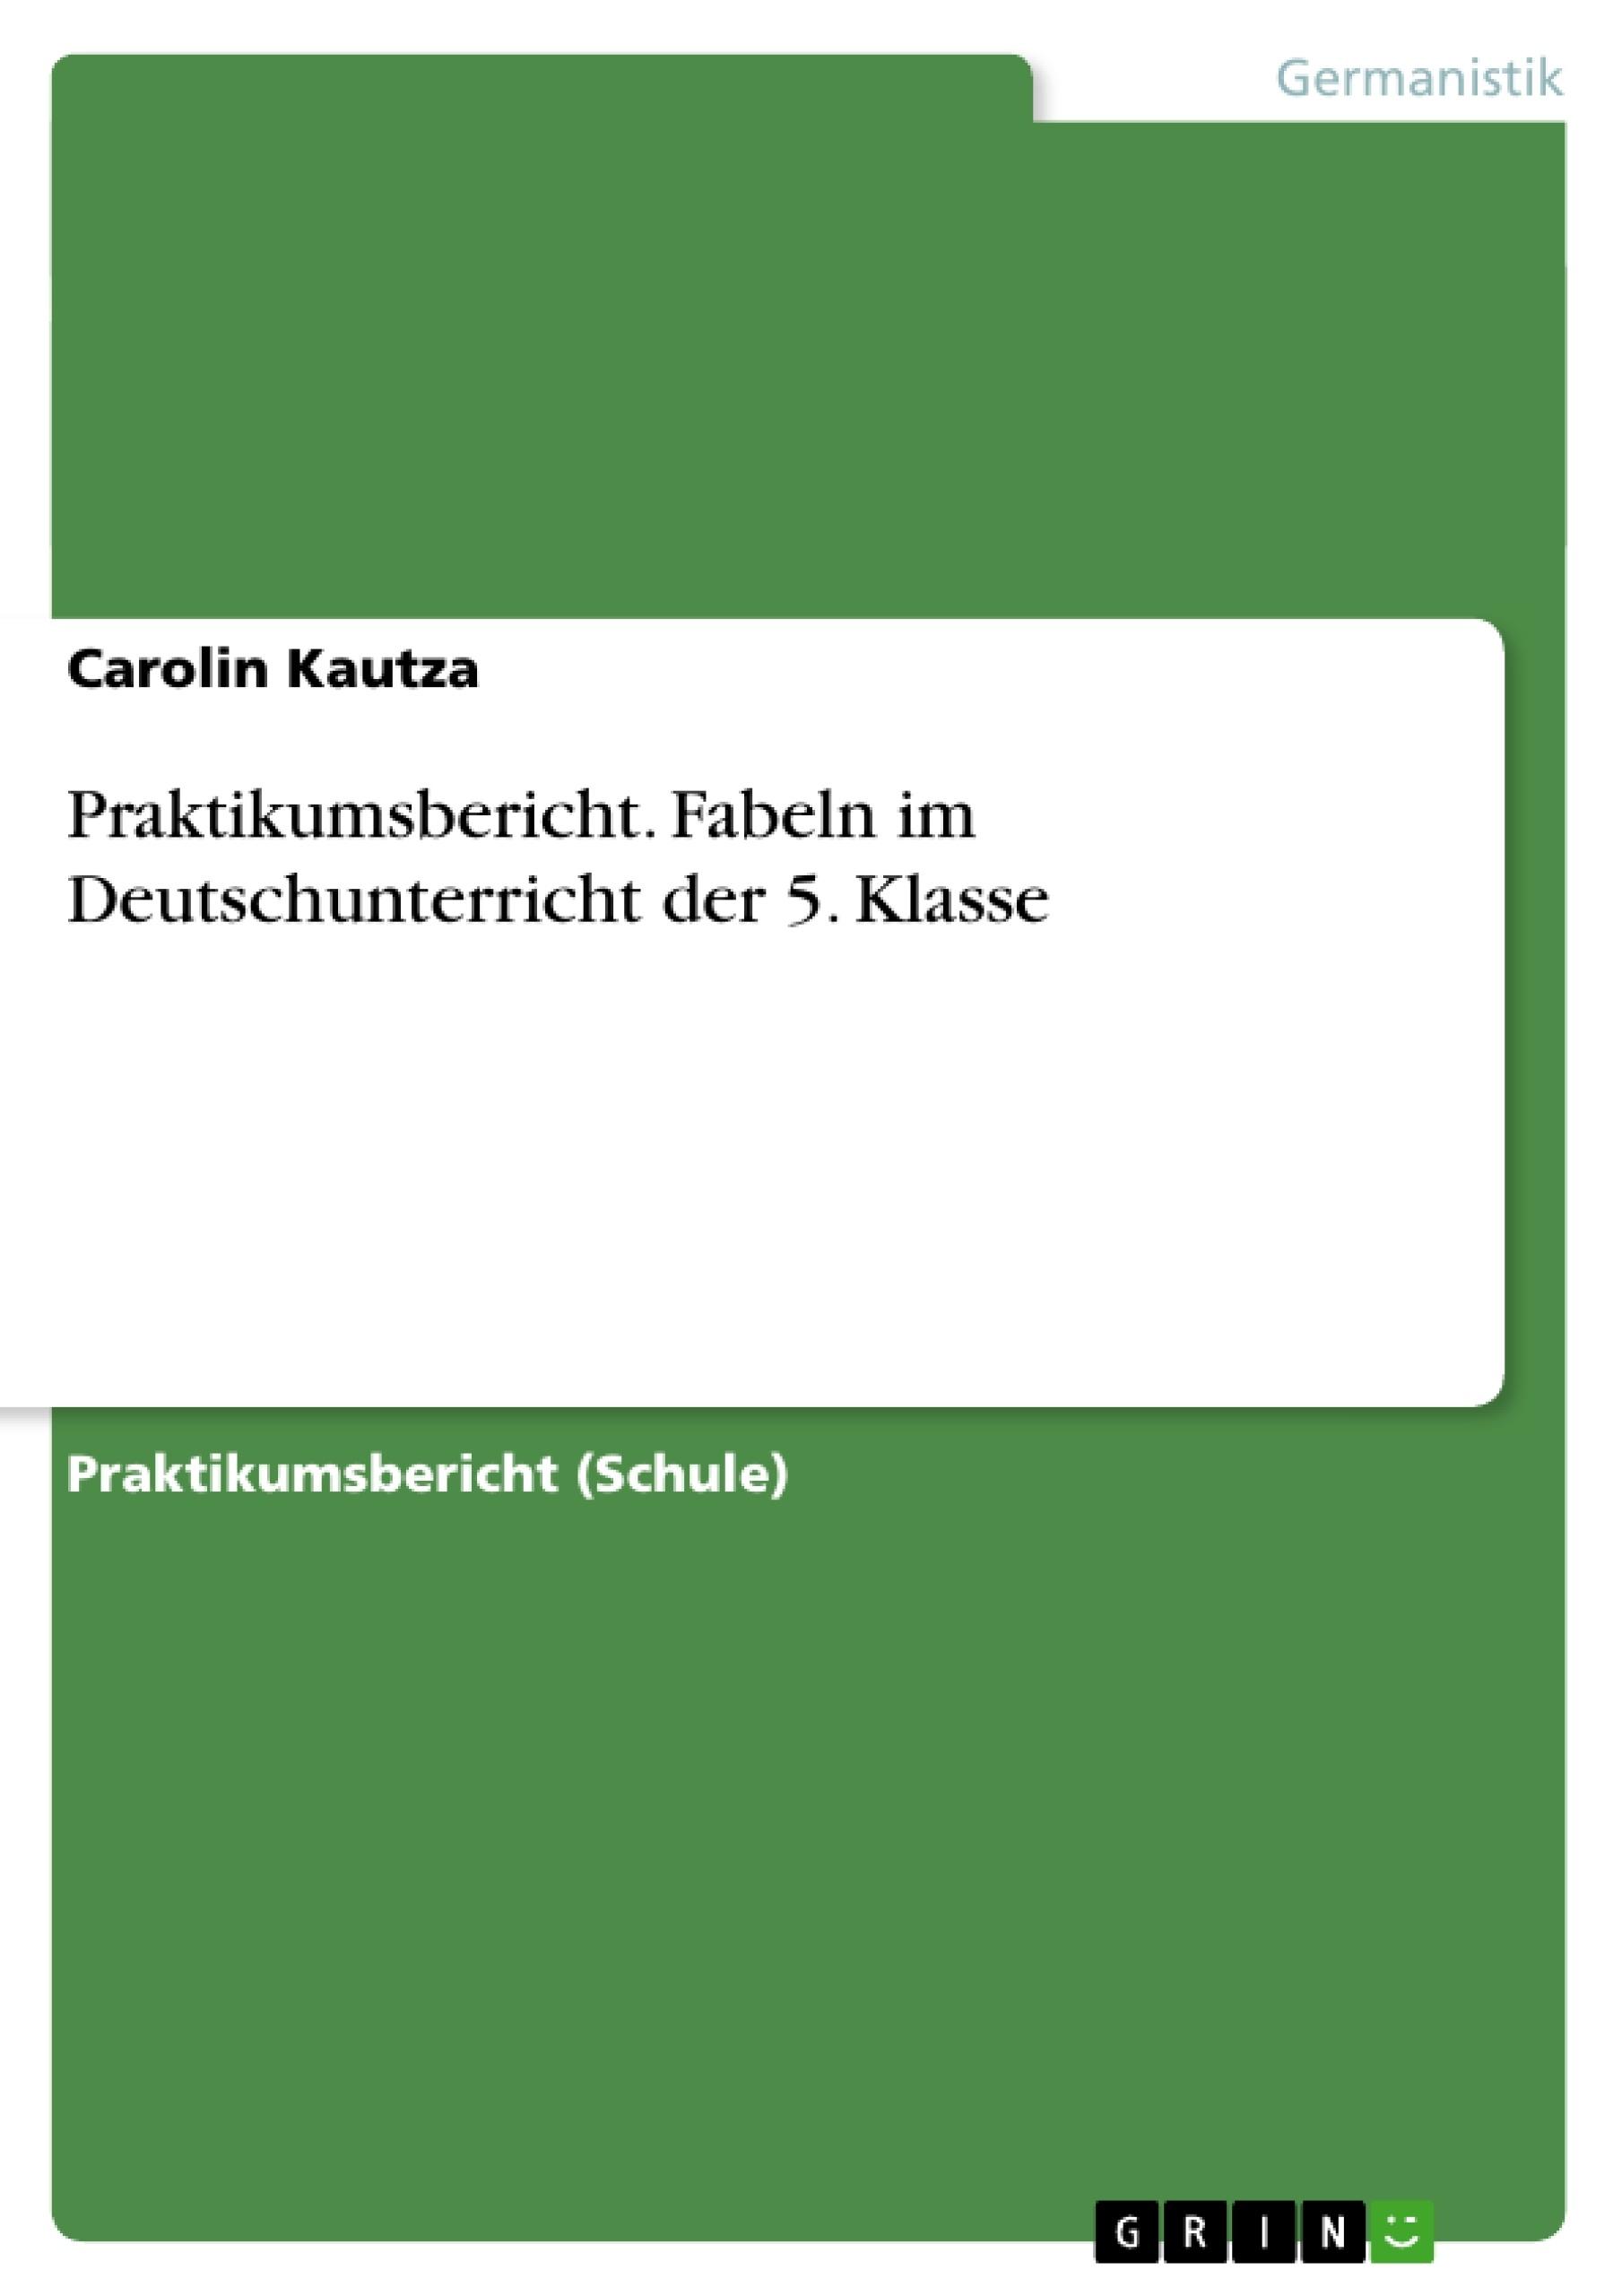 Titel: Praktikumsbericht. Fabeln im Deutschunterricht der 5. Klasse